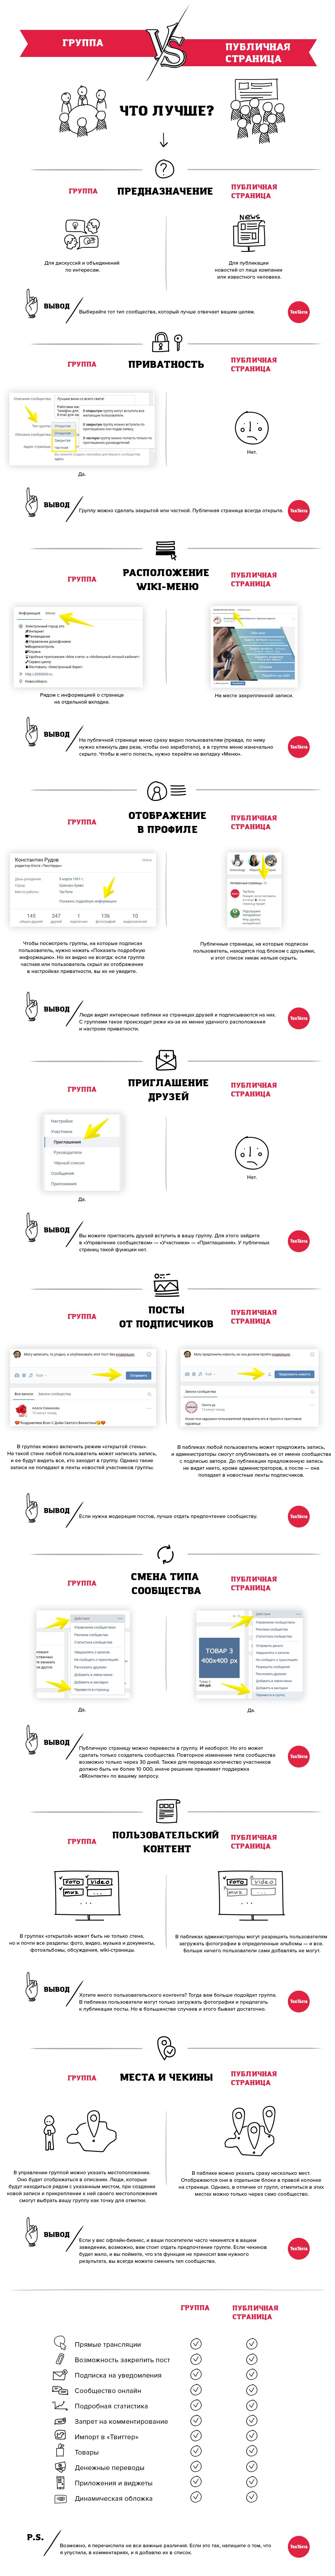 66edc9263d6f708 Группа или публичная страница во «ВКонтакте»: что лучше?